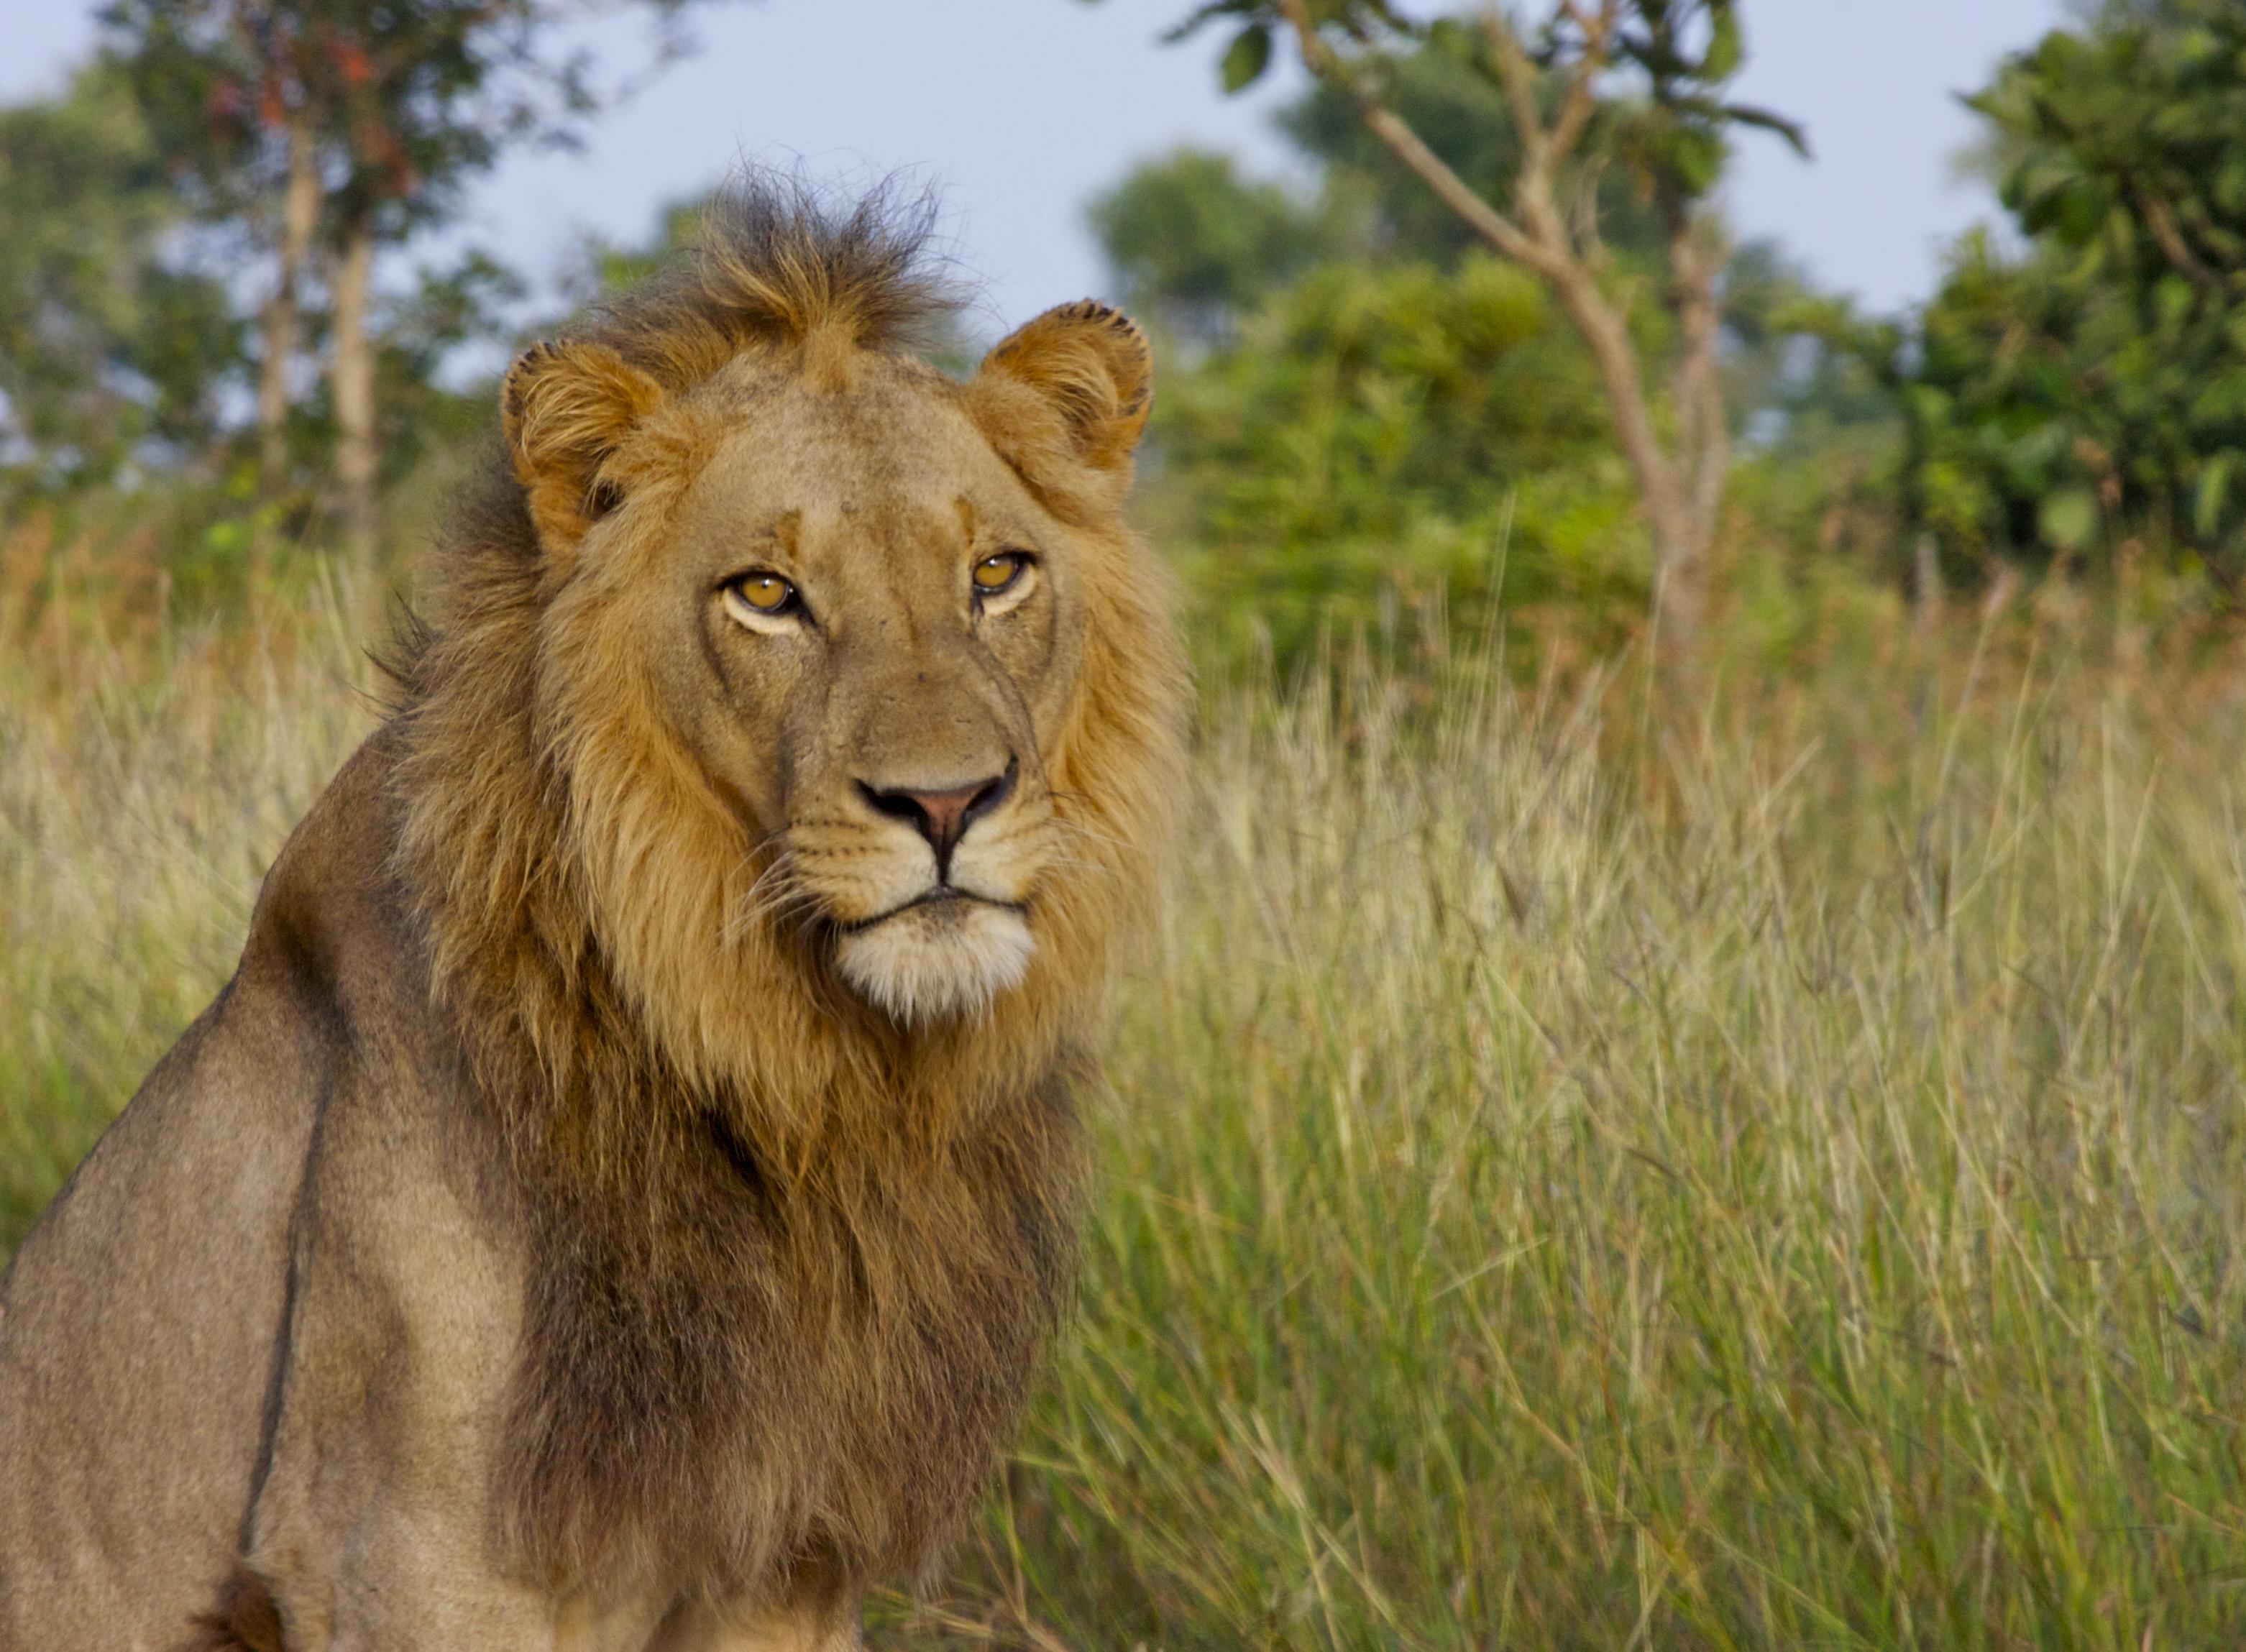 61061 Protetores de tela e papéis de parede Rei Das Feras em seu telefone. Baixe Animais, Leão, Um Leão, Gato Grande, Rei Das Feras, Rei Das Bestas fotos gratuitamente